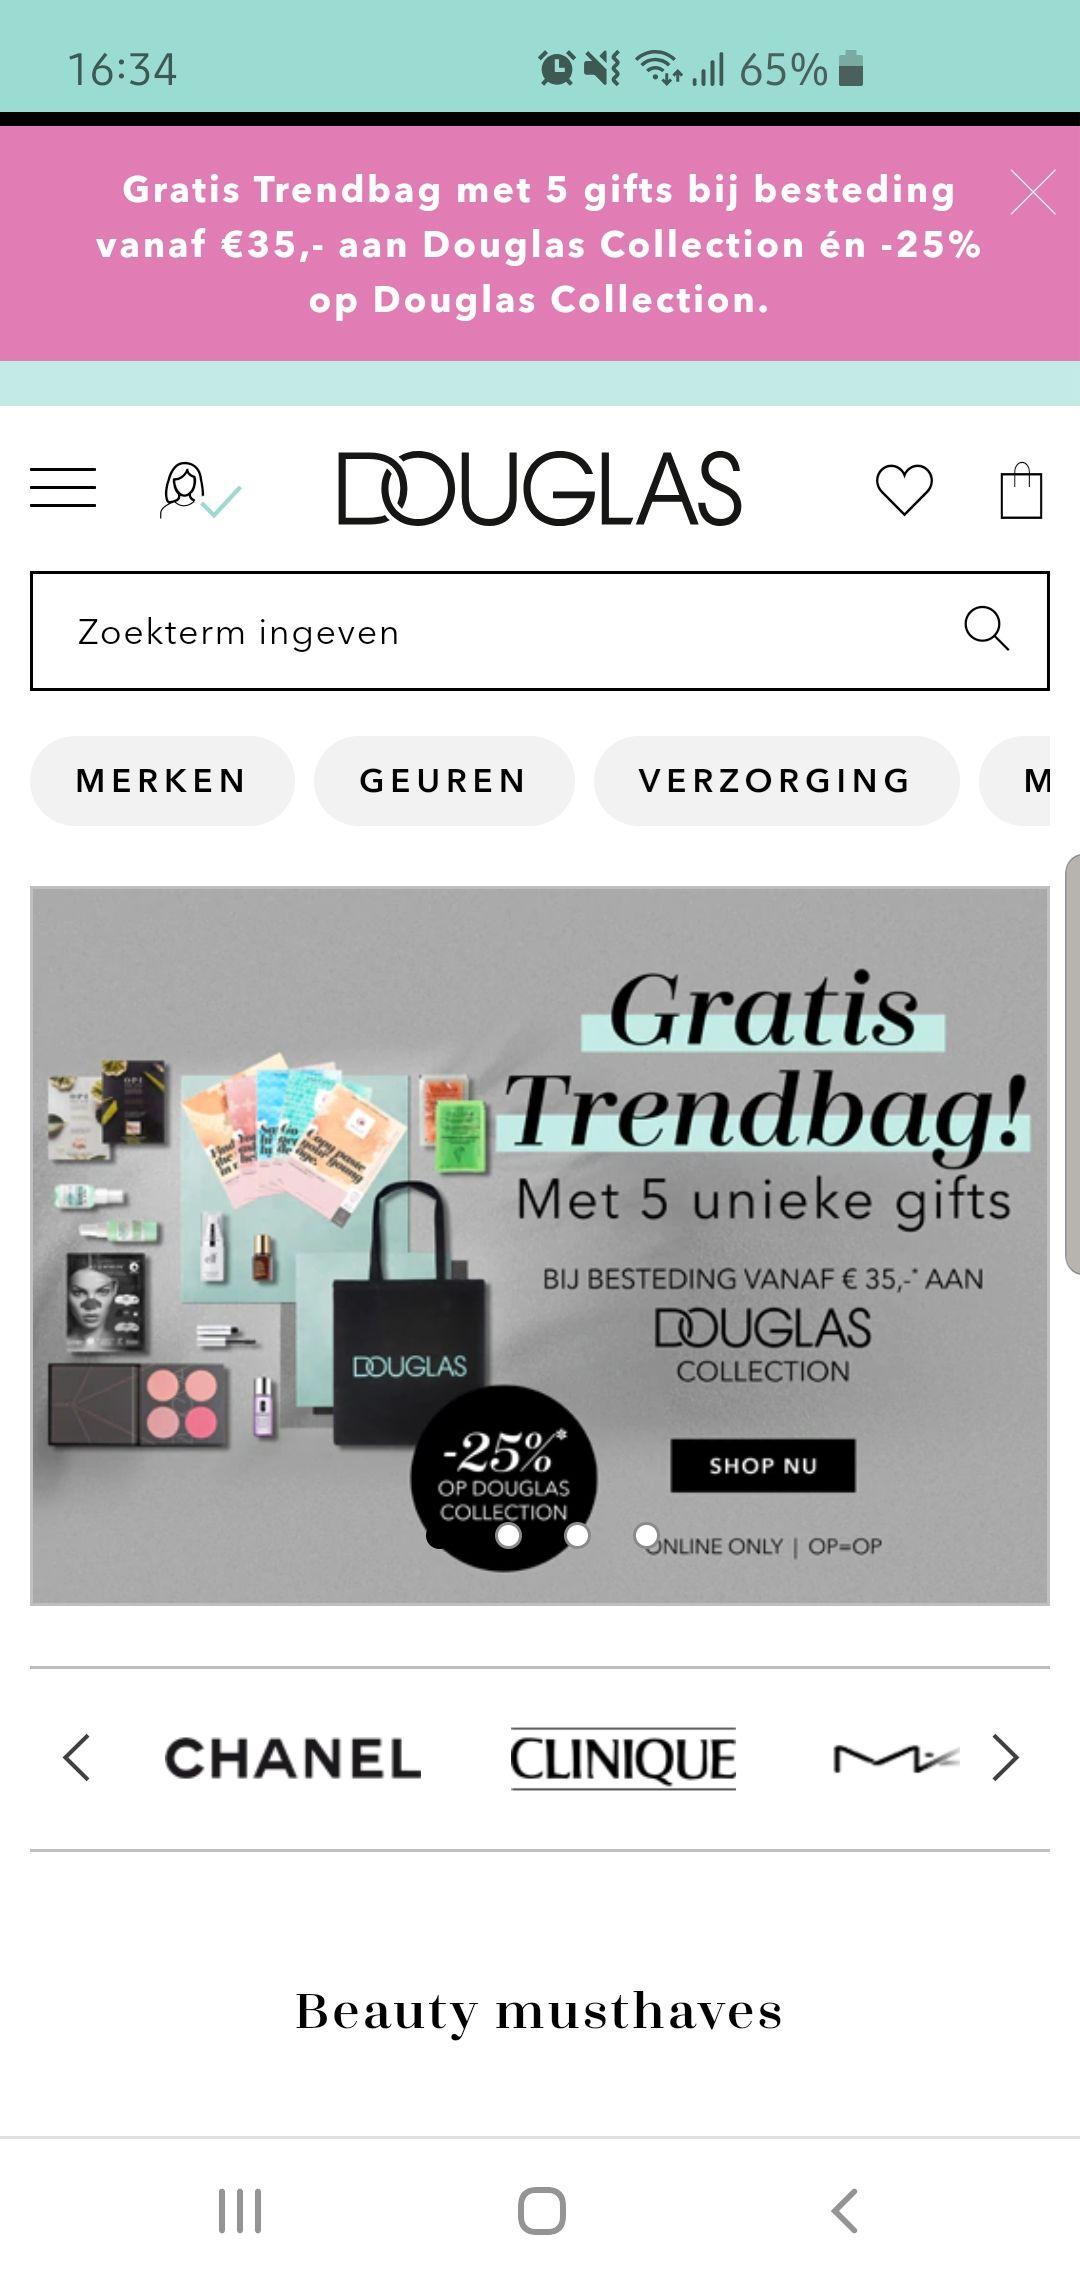 Gratis trendbag met 5 gifts